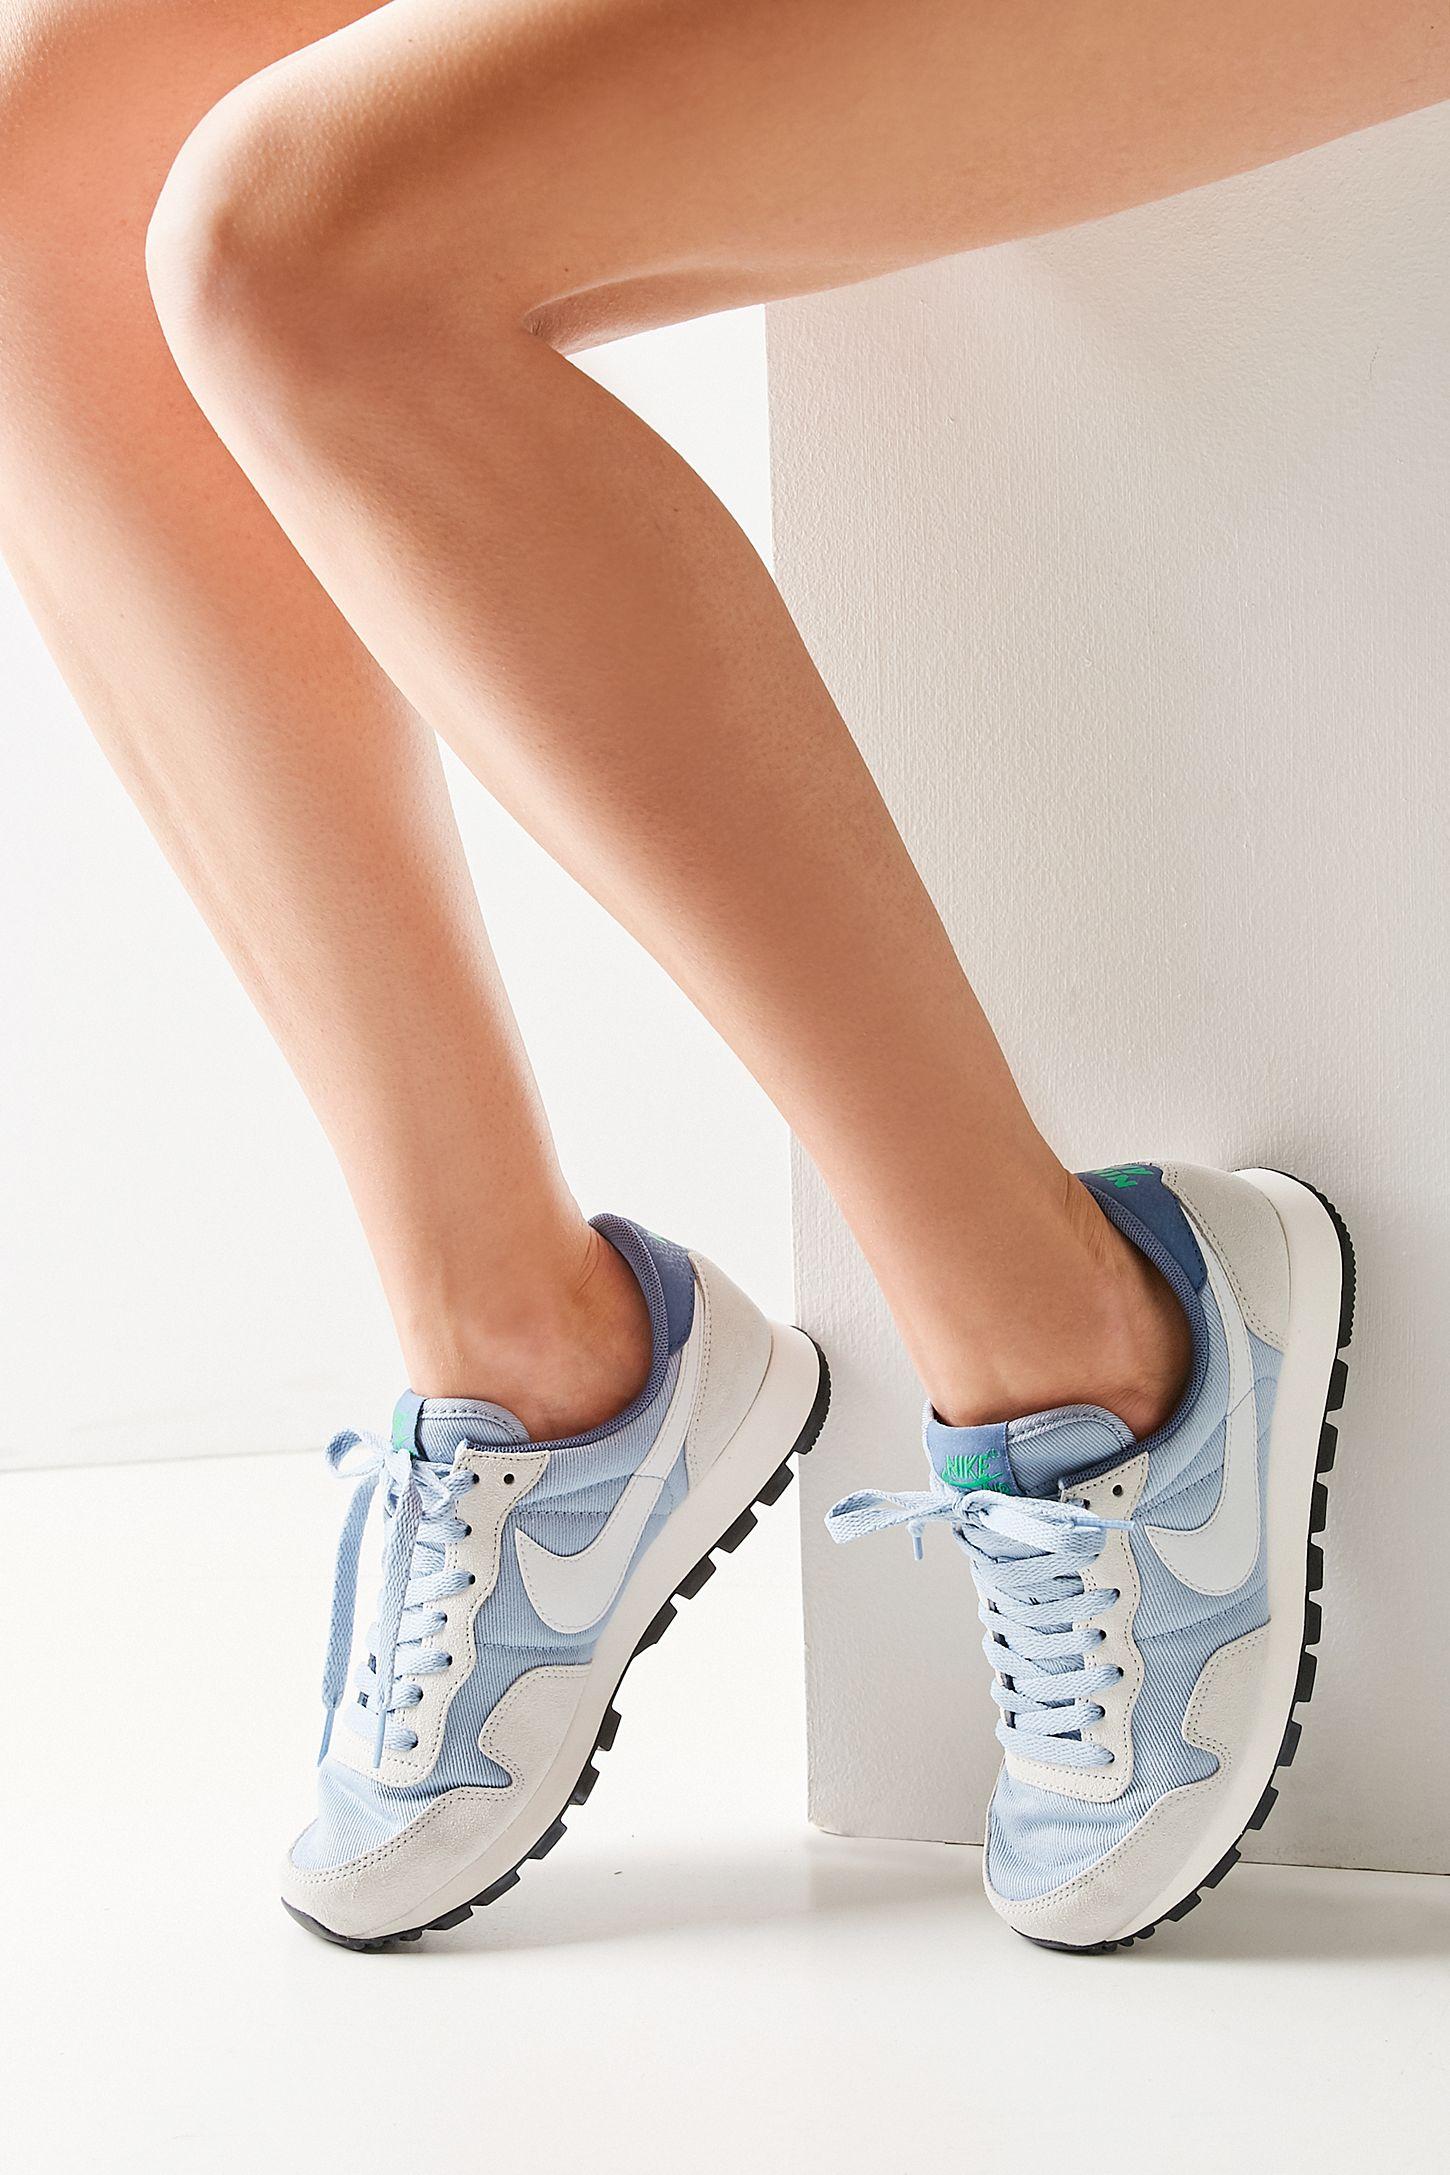 wholesale dealer 8c77f 82b50 Nike Air Pegasus 83 Pastel Sneaker   Urban Outfitters